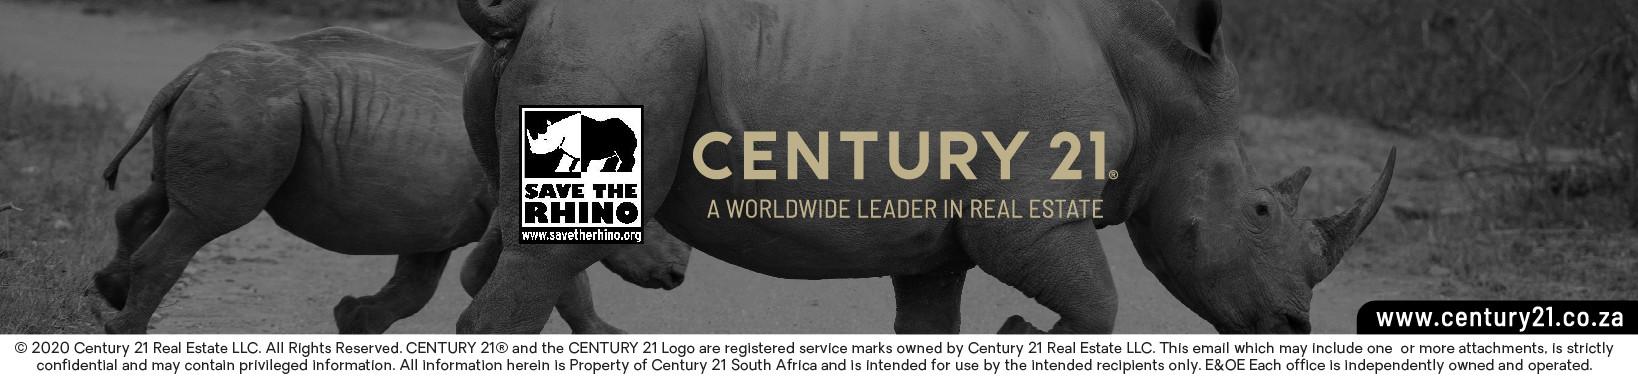 01_Email_Signature_Rhino-03.jpg